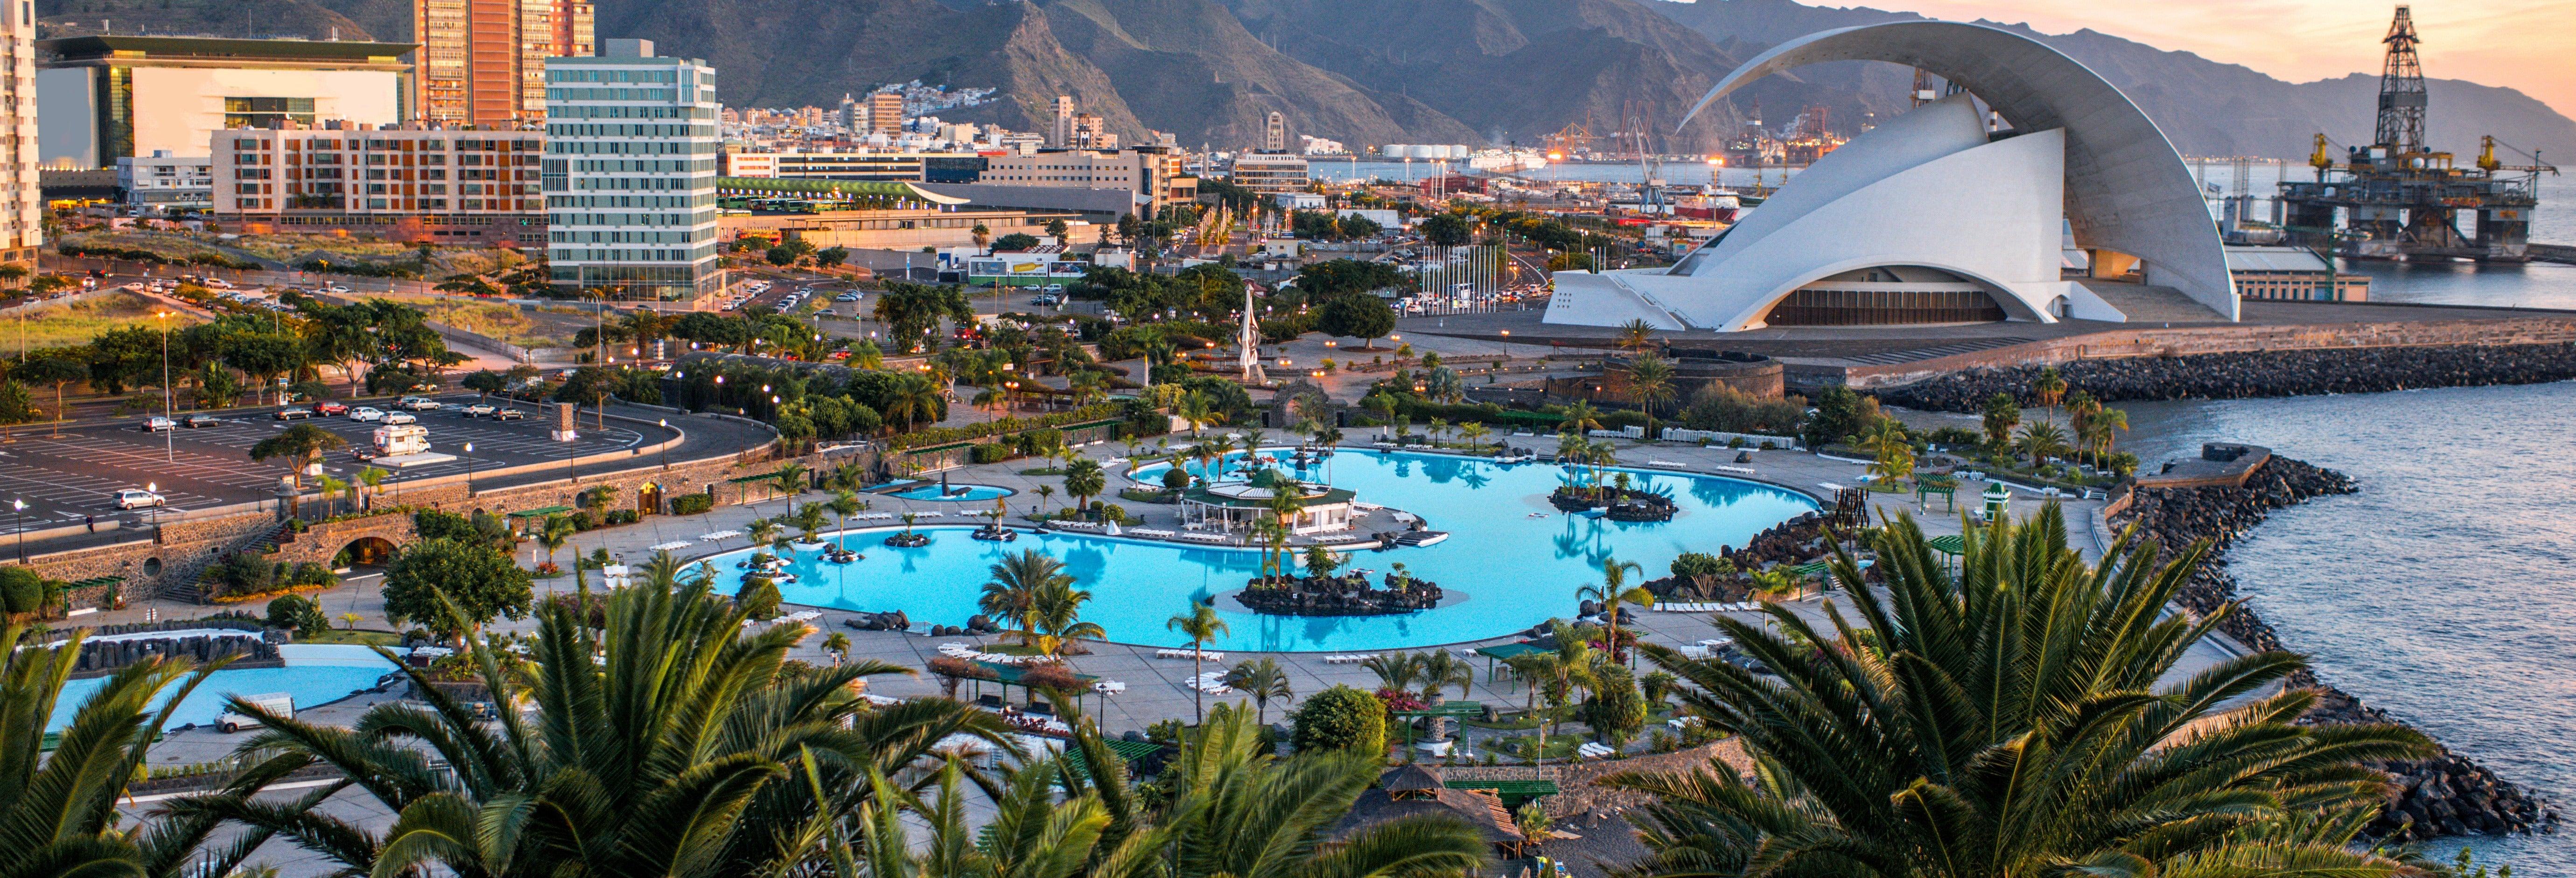 Escursione a Santa Cruz, La Laguna e Taganana dal nord di Tenerife